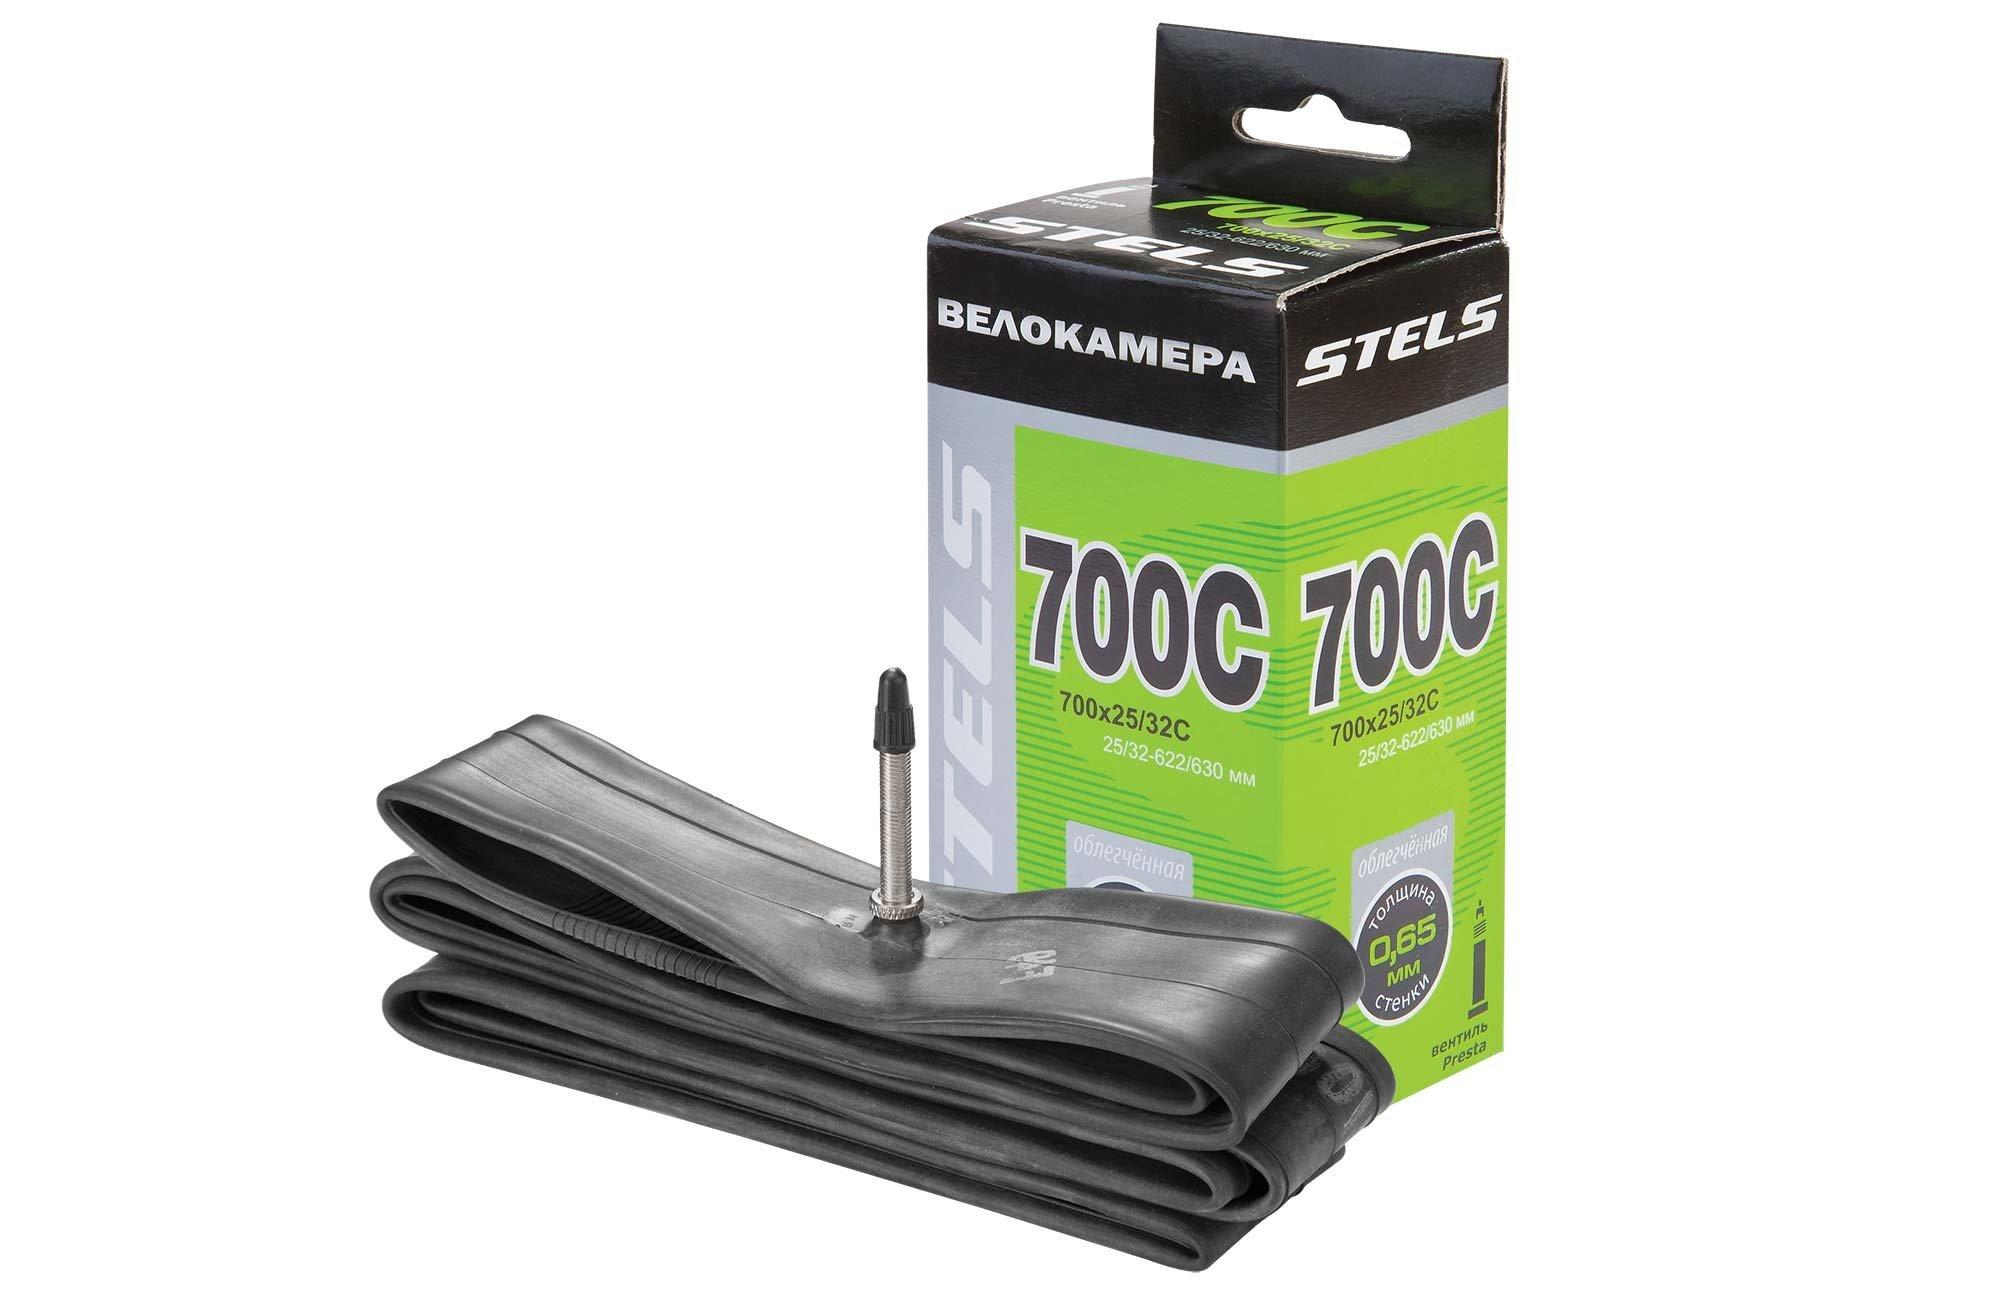 Купить Камера Stels 700x25ቼC с велониппелем в интернет магазине велосипедов. Выбрать велосипед. Цены, фото, отзывы